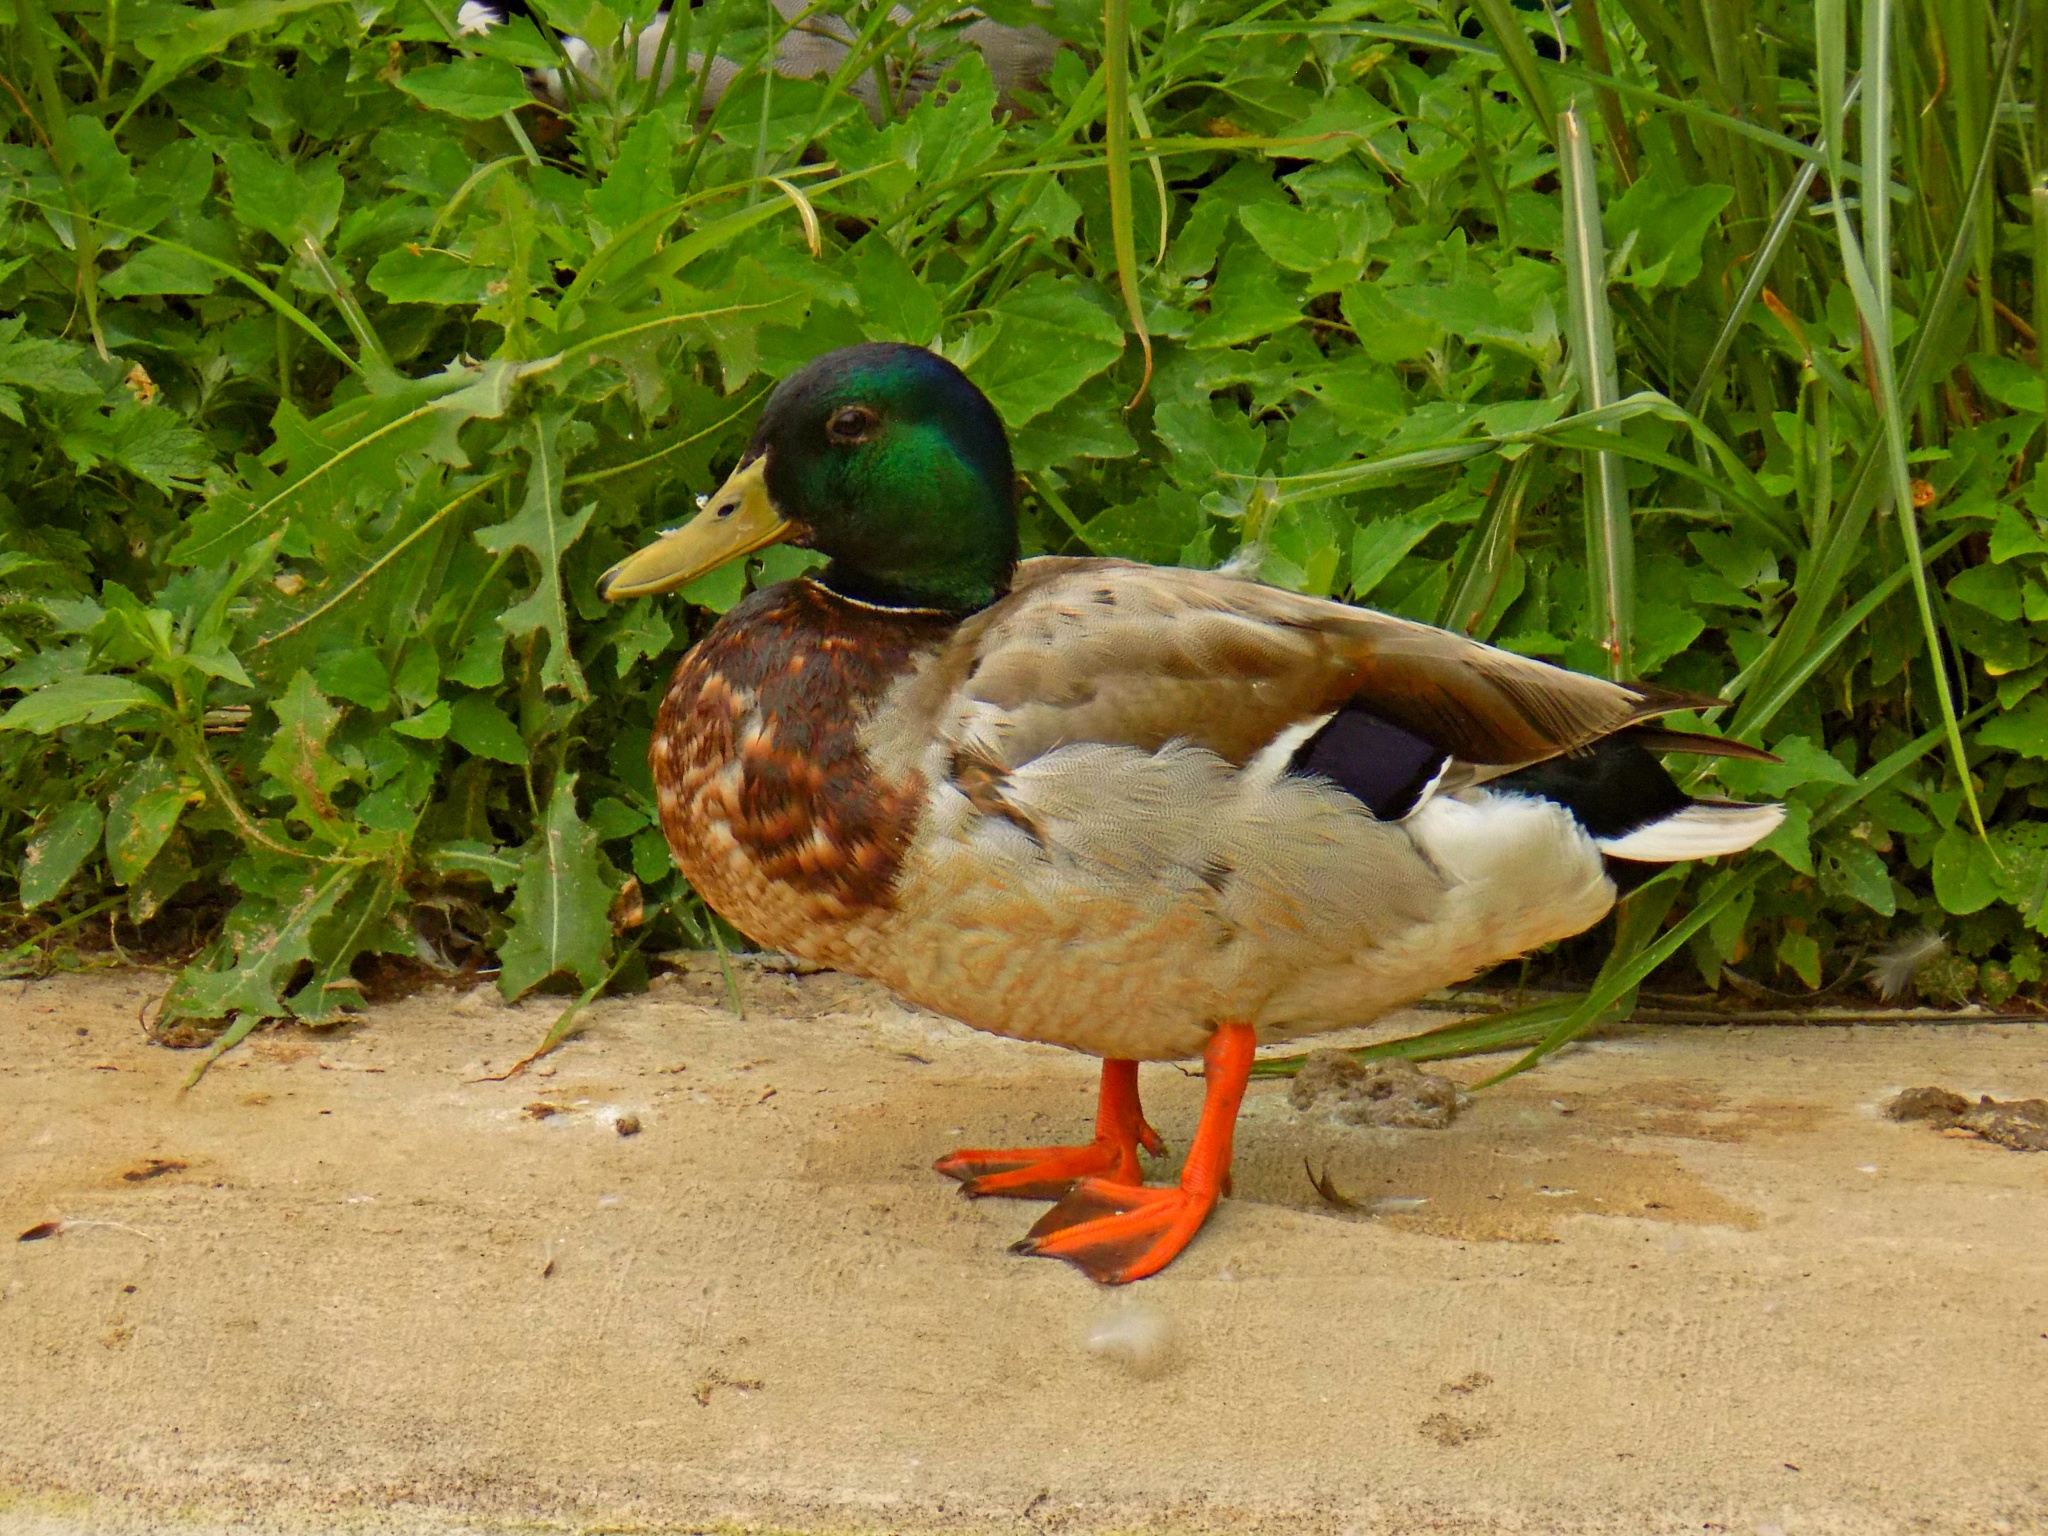 Duck by Erin Elizabeth Gilbert